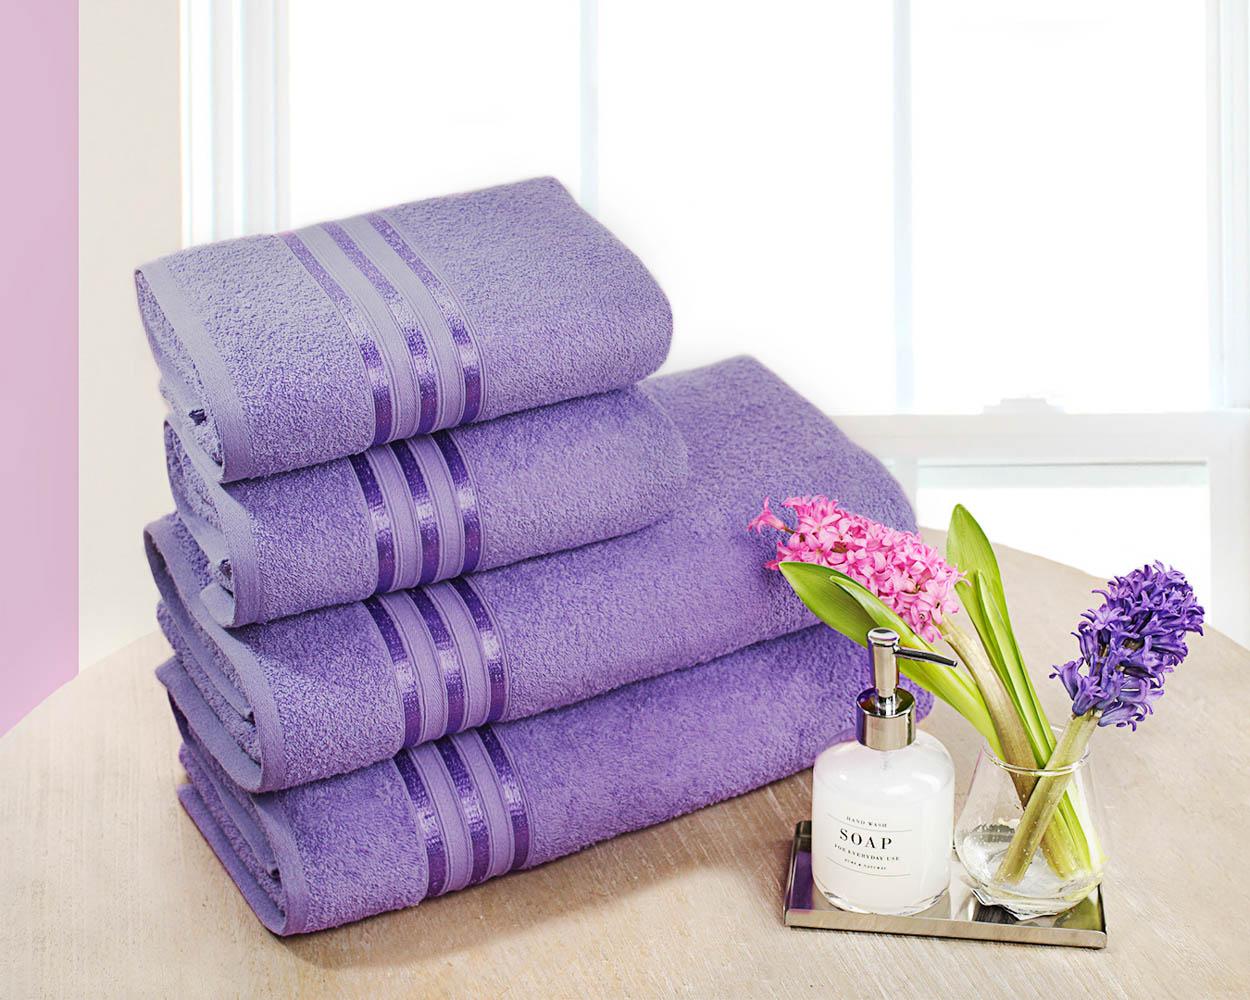 Полотенца Dome Набор из 4 полотенец Harmonika Цвет: Сиреневый полотенца кухонные la pastel набор полотенец 4 предмета из микрофибры 30х30